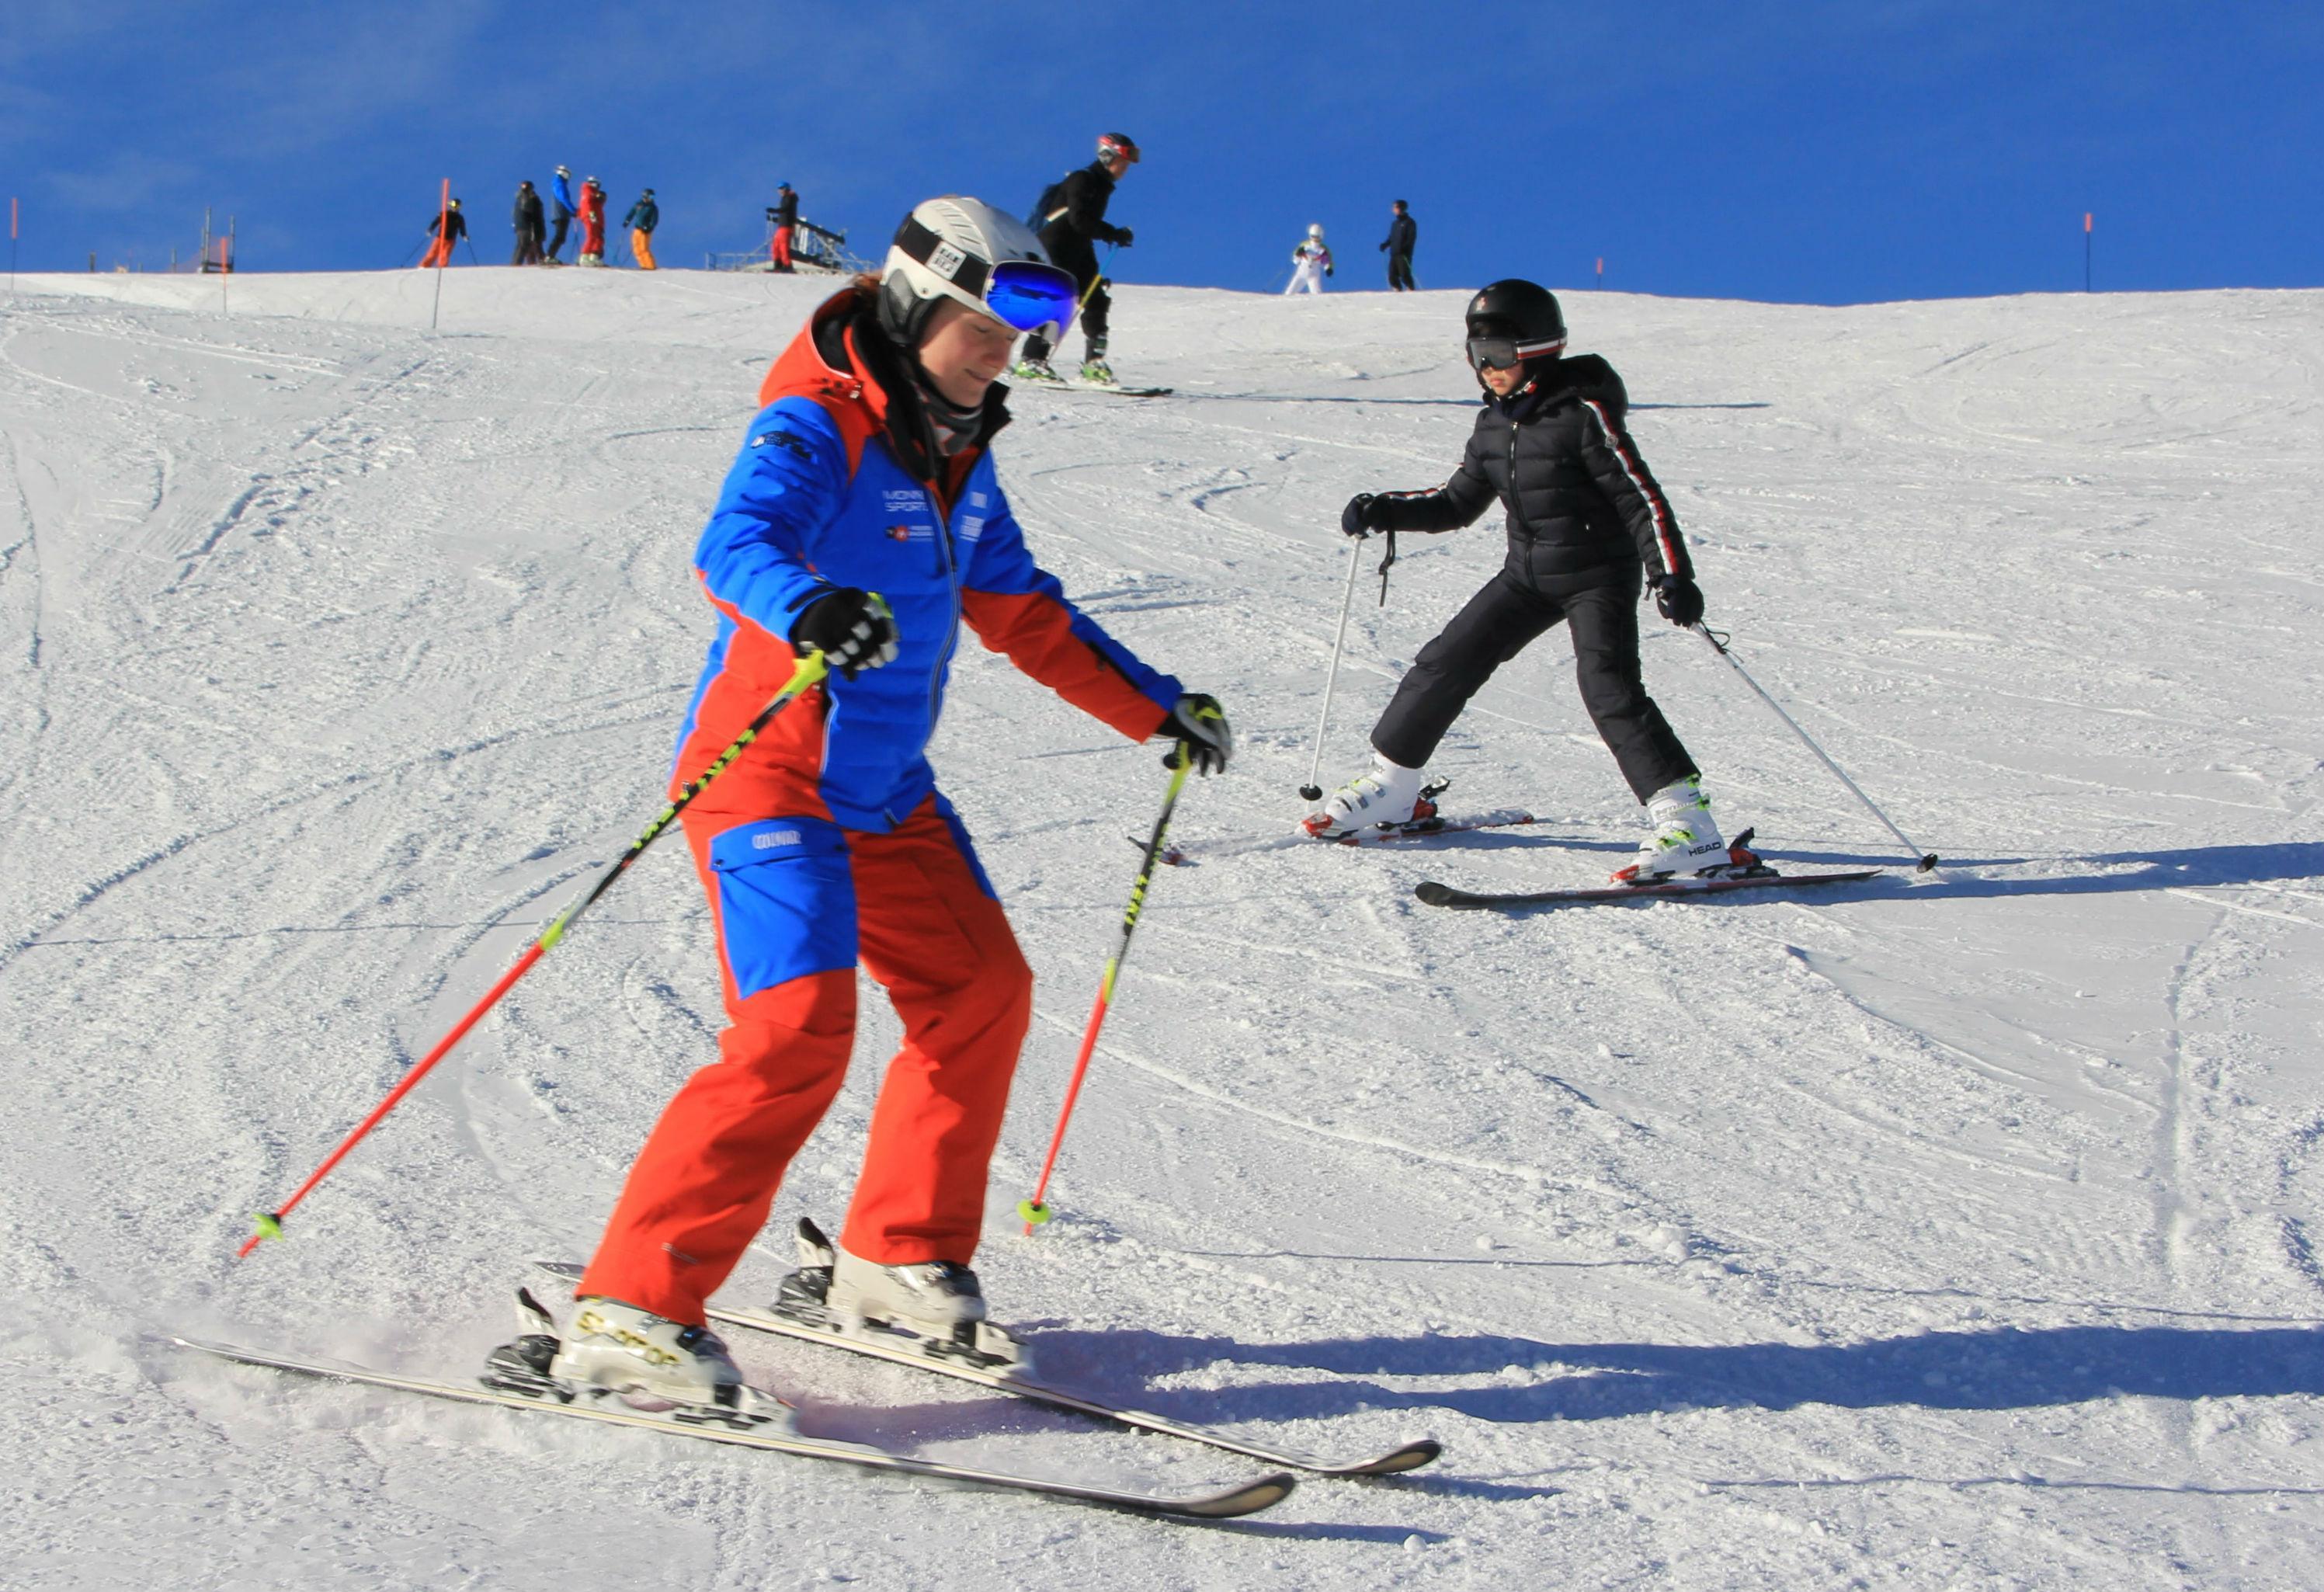 Privé skilessen voor kinderen - beginners